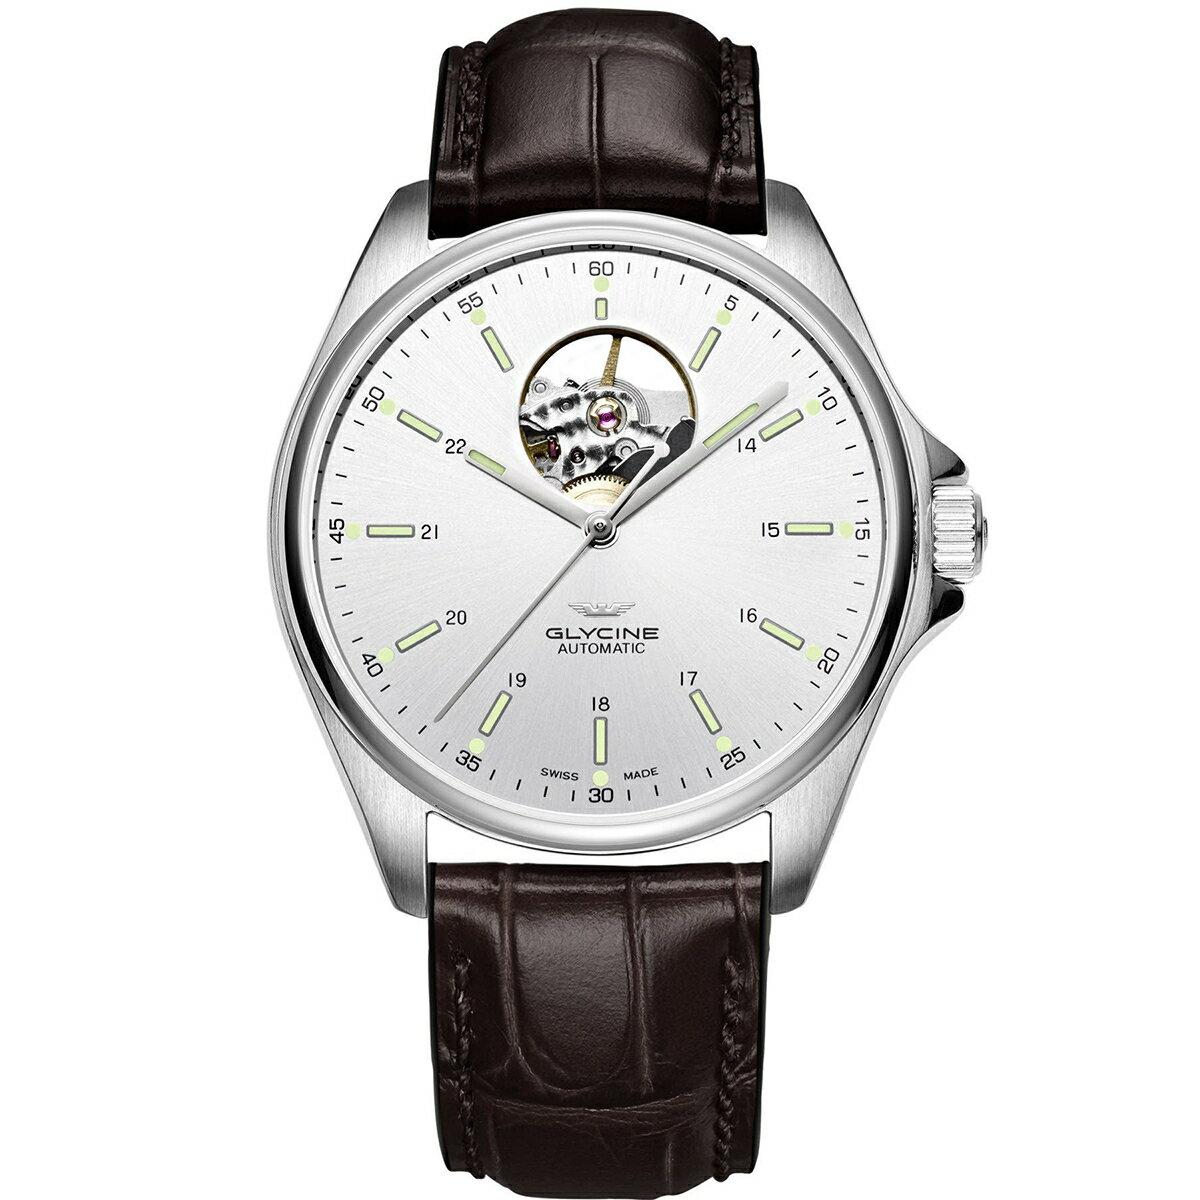 グライシン グリシン GLYCINE コンバット クラシック オープンハート COMBAT OPEN HEART GL0120 メンズ 時計 腕時計 自動巻き オートマチック スイス製 スイスメイド パイロット